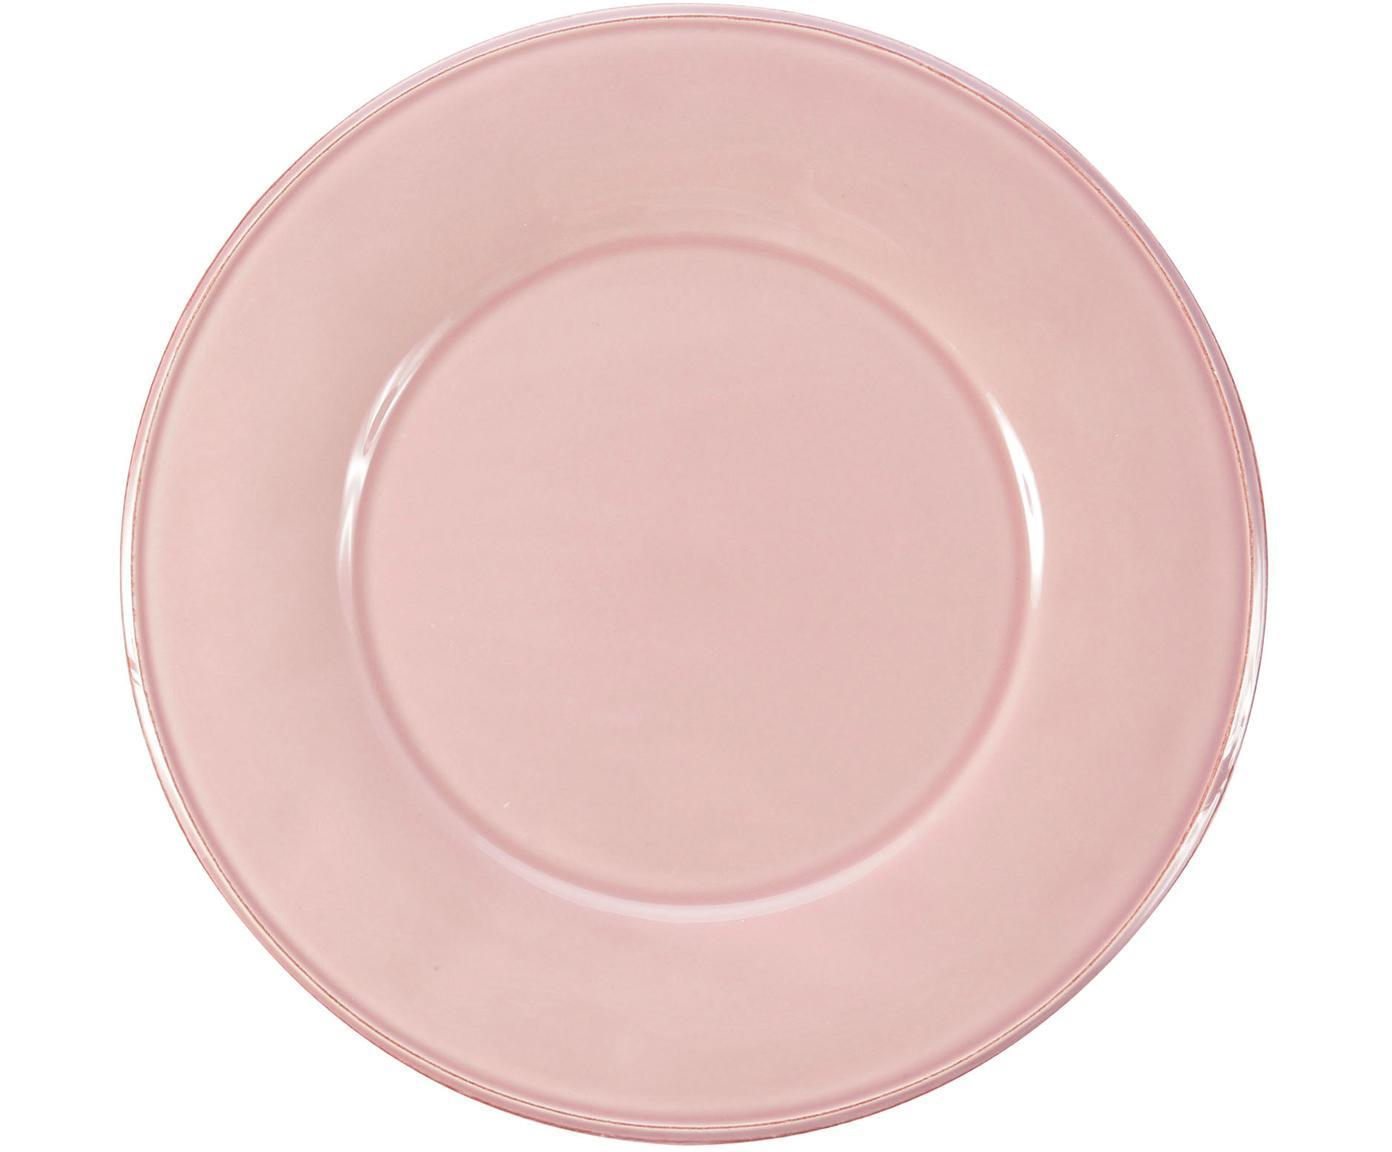 Piatto da colazione rosa Constance 2 pz, Terracotta, Rosa, Ø 24 cm